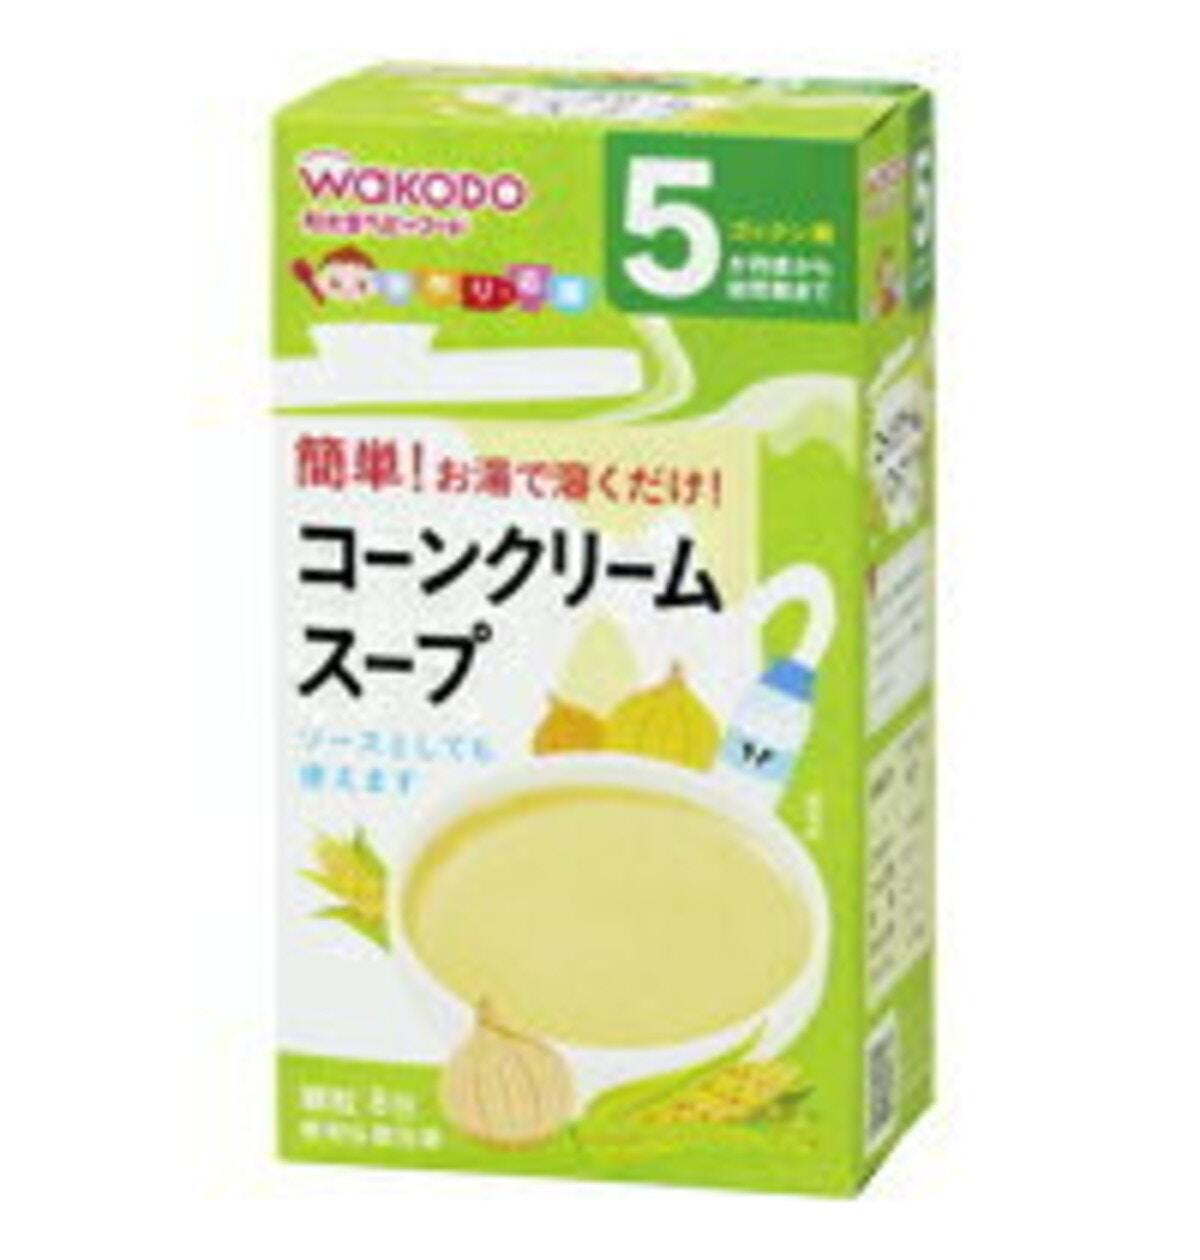 和光堂「コーンクリームスープ」